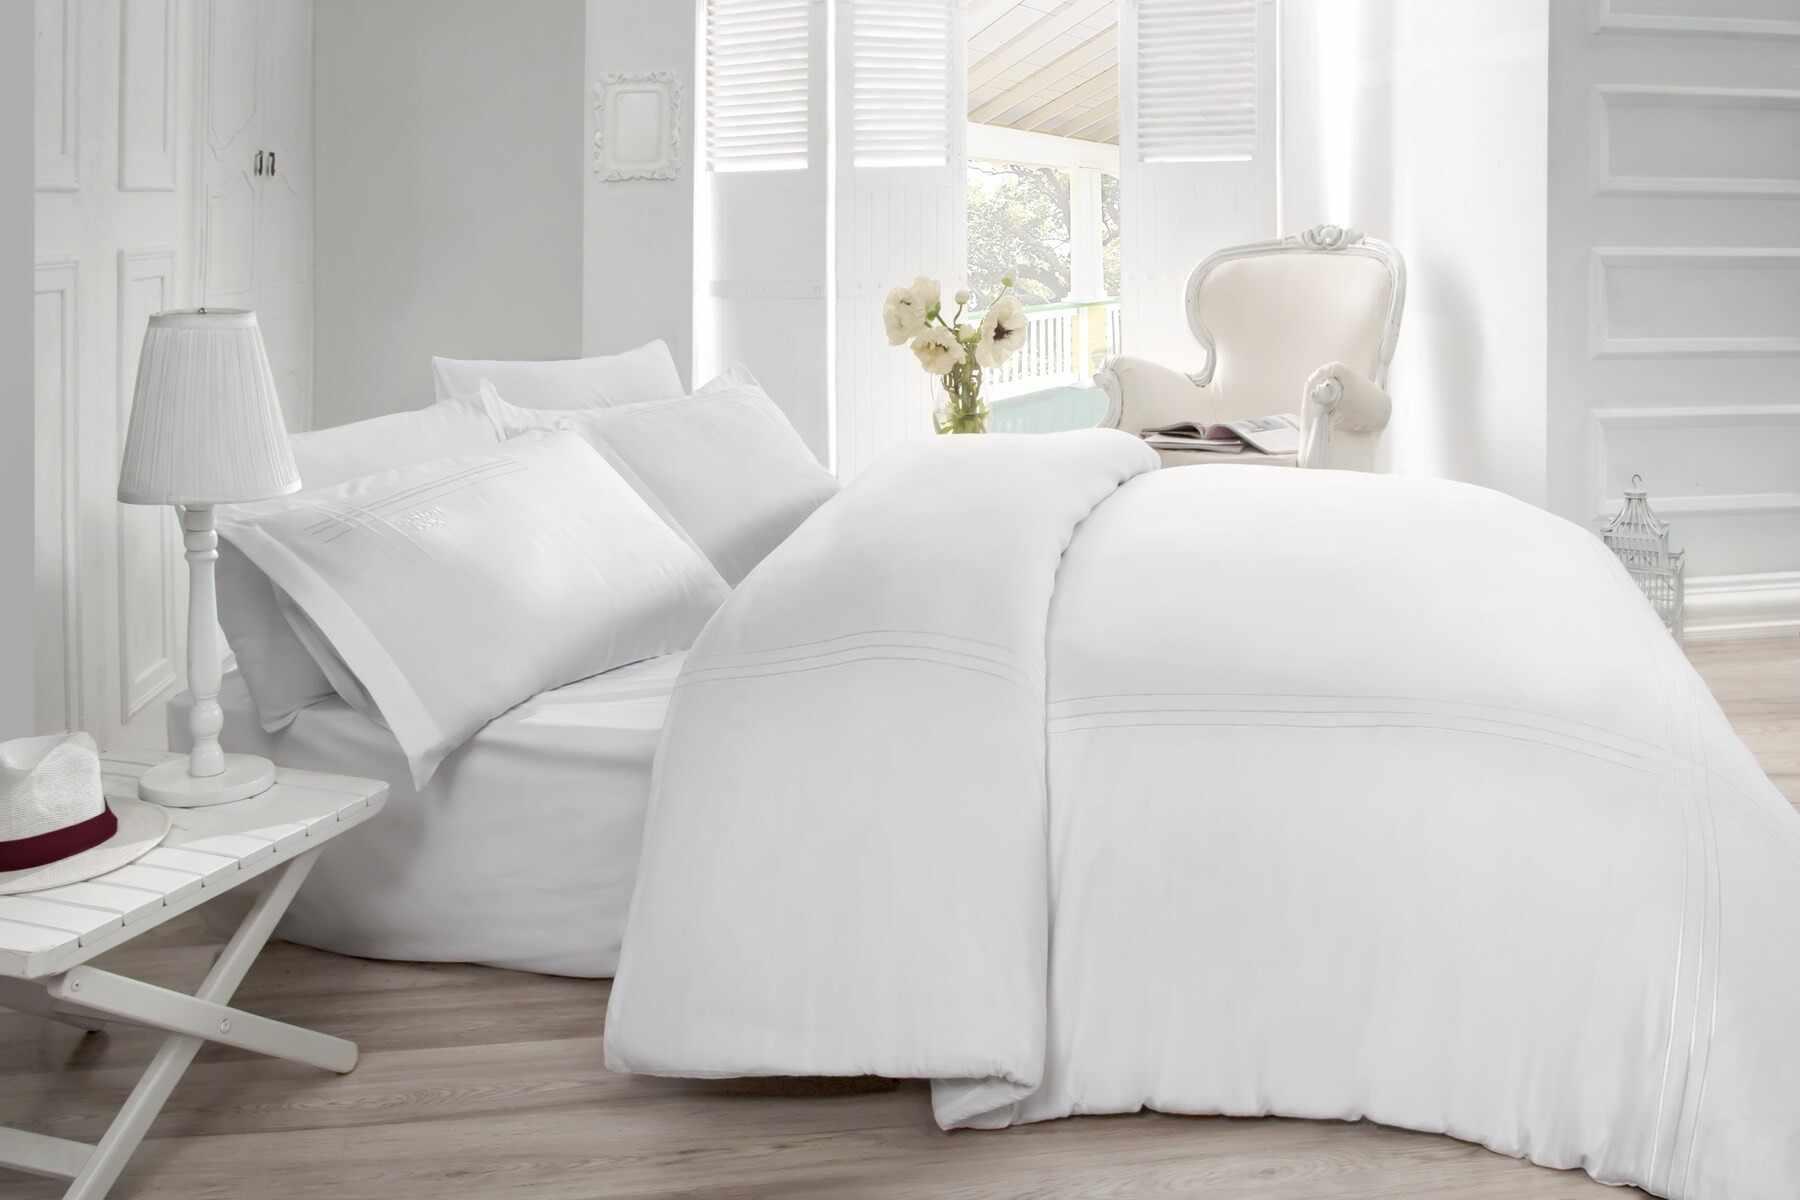 Lenjerie de pat din bumbac Satinat Gulbin Alb, 200 x 220 cm la pret 385 lei